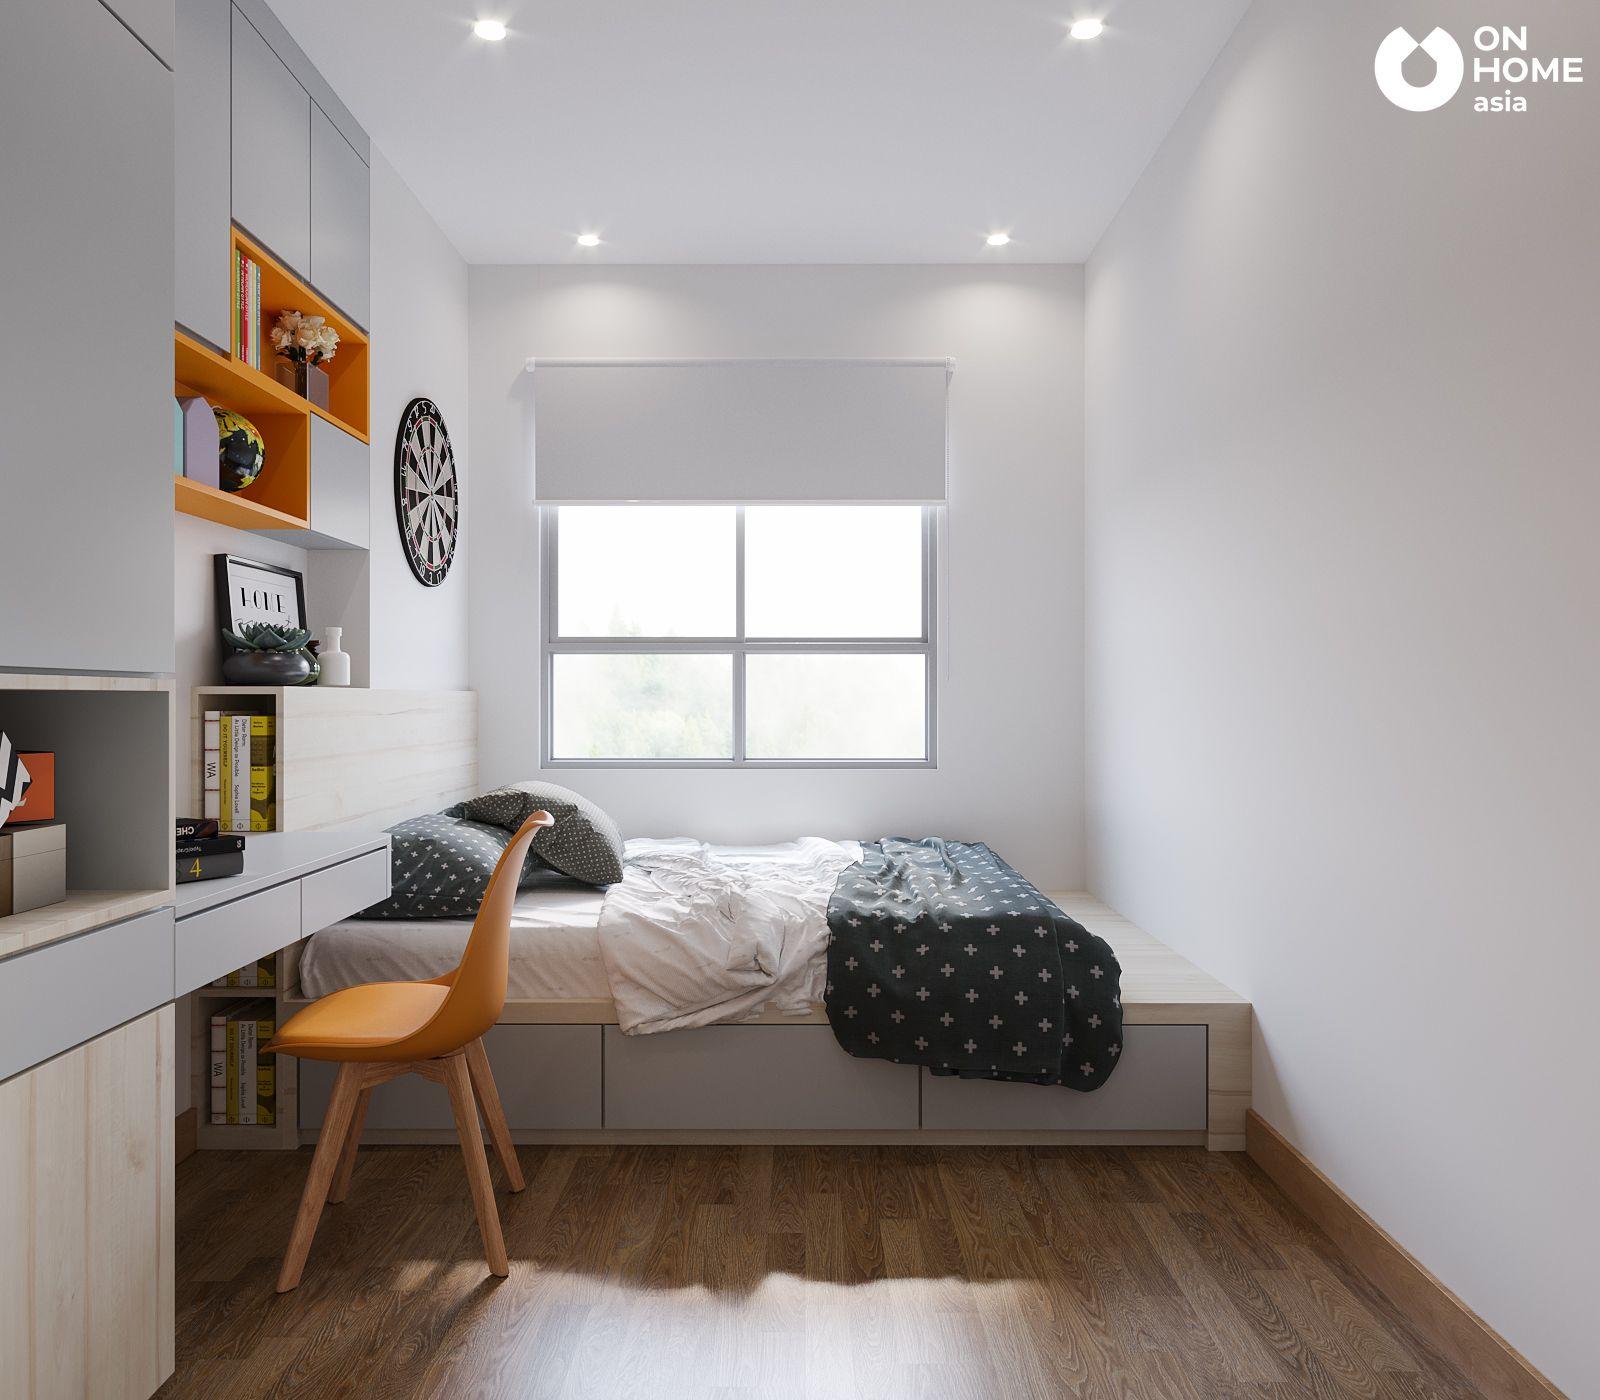 Phòng ngủ nhỏ căn hộ chung cư the view type4A4B